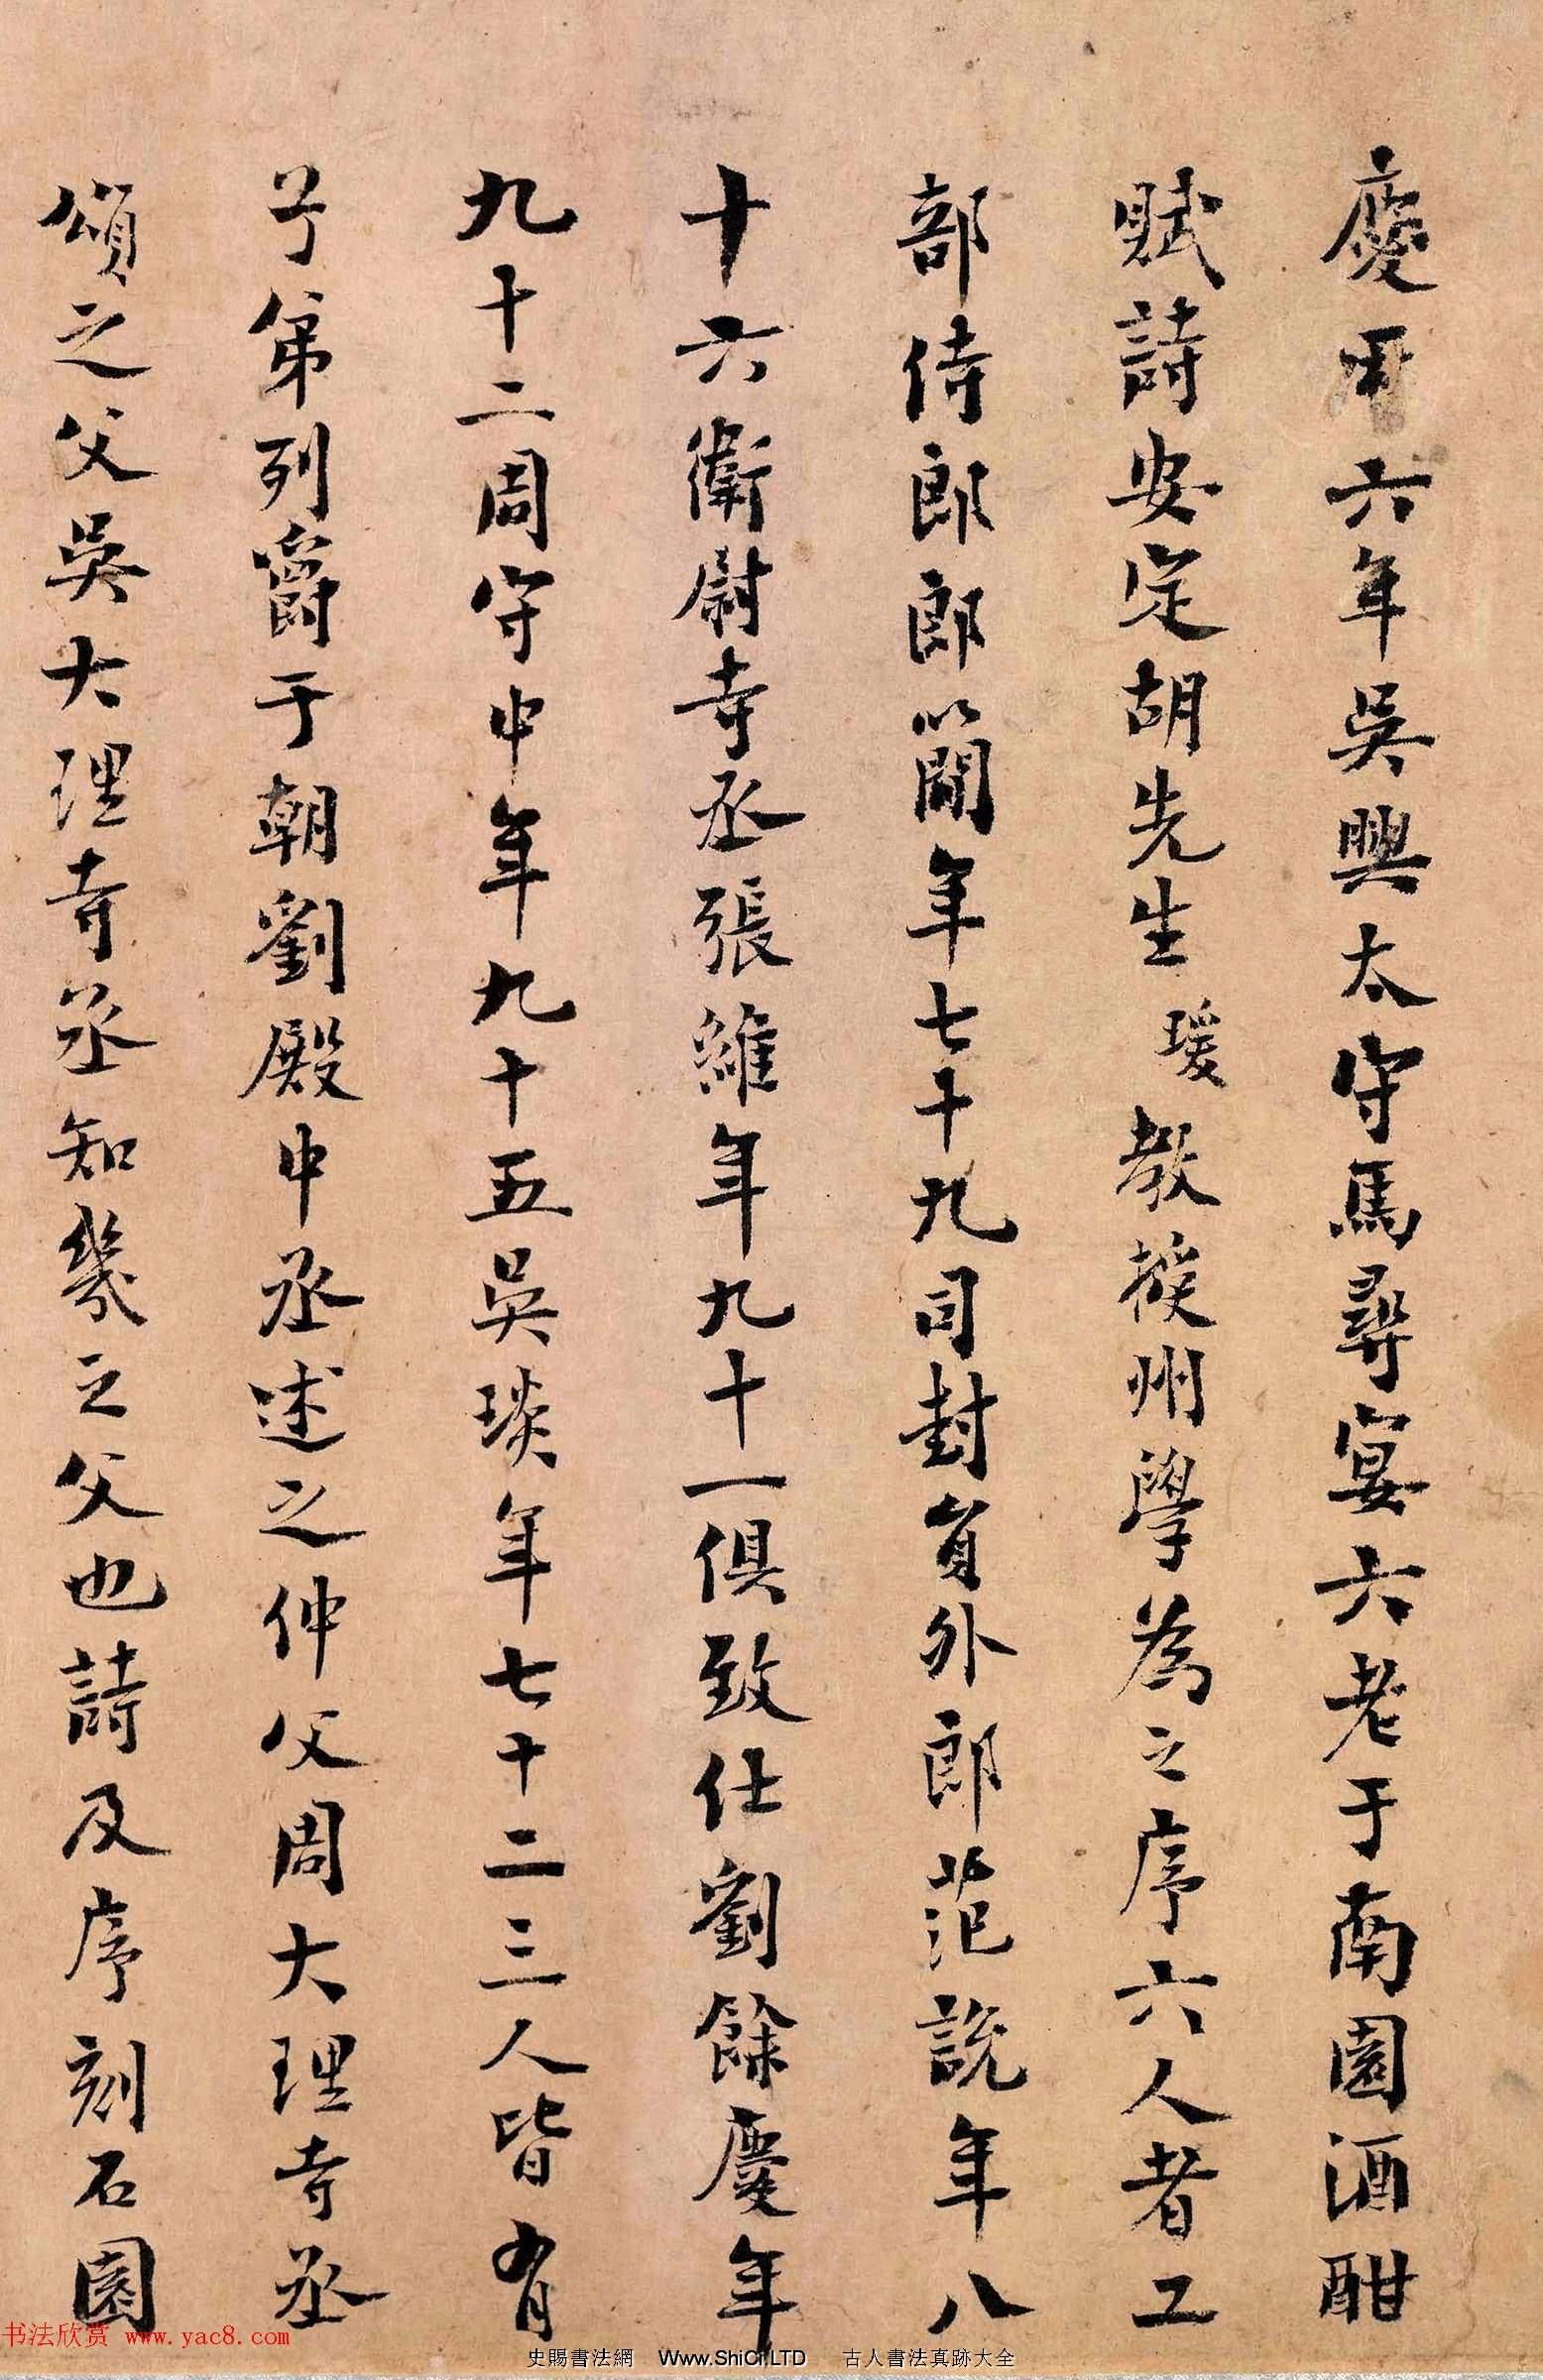 南宋藏書家陳振孫書法題跋張先十詠圖(共6張圖片)